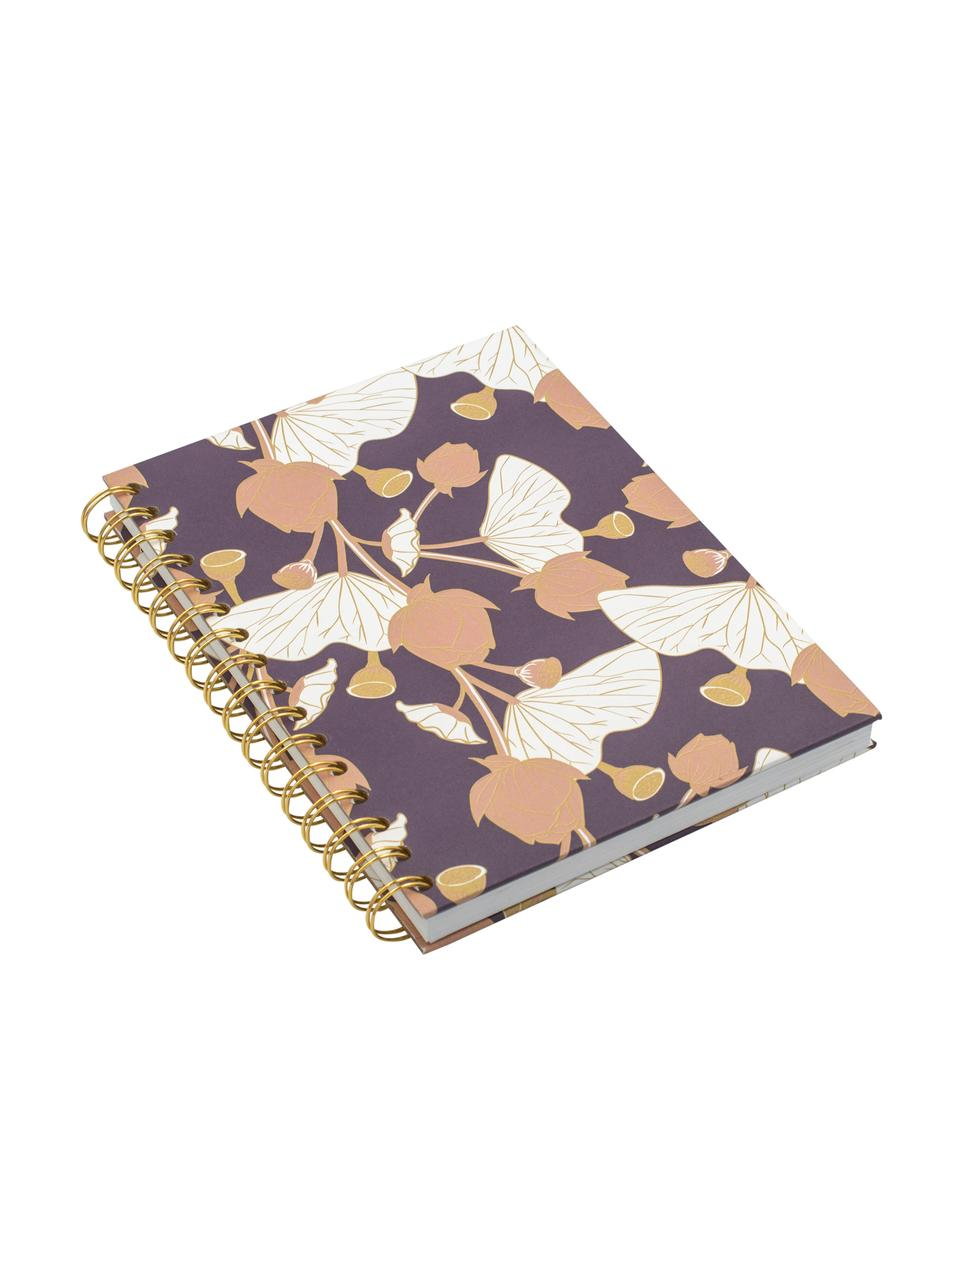 Notitieboek Lotus, Lila, roze, geel, wit, 16 x 21 cm